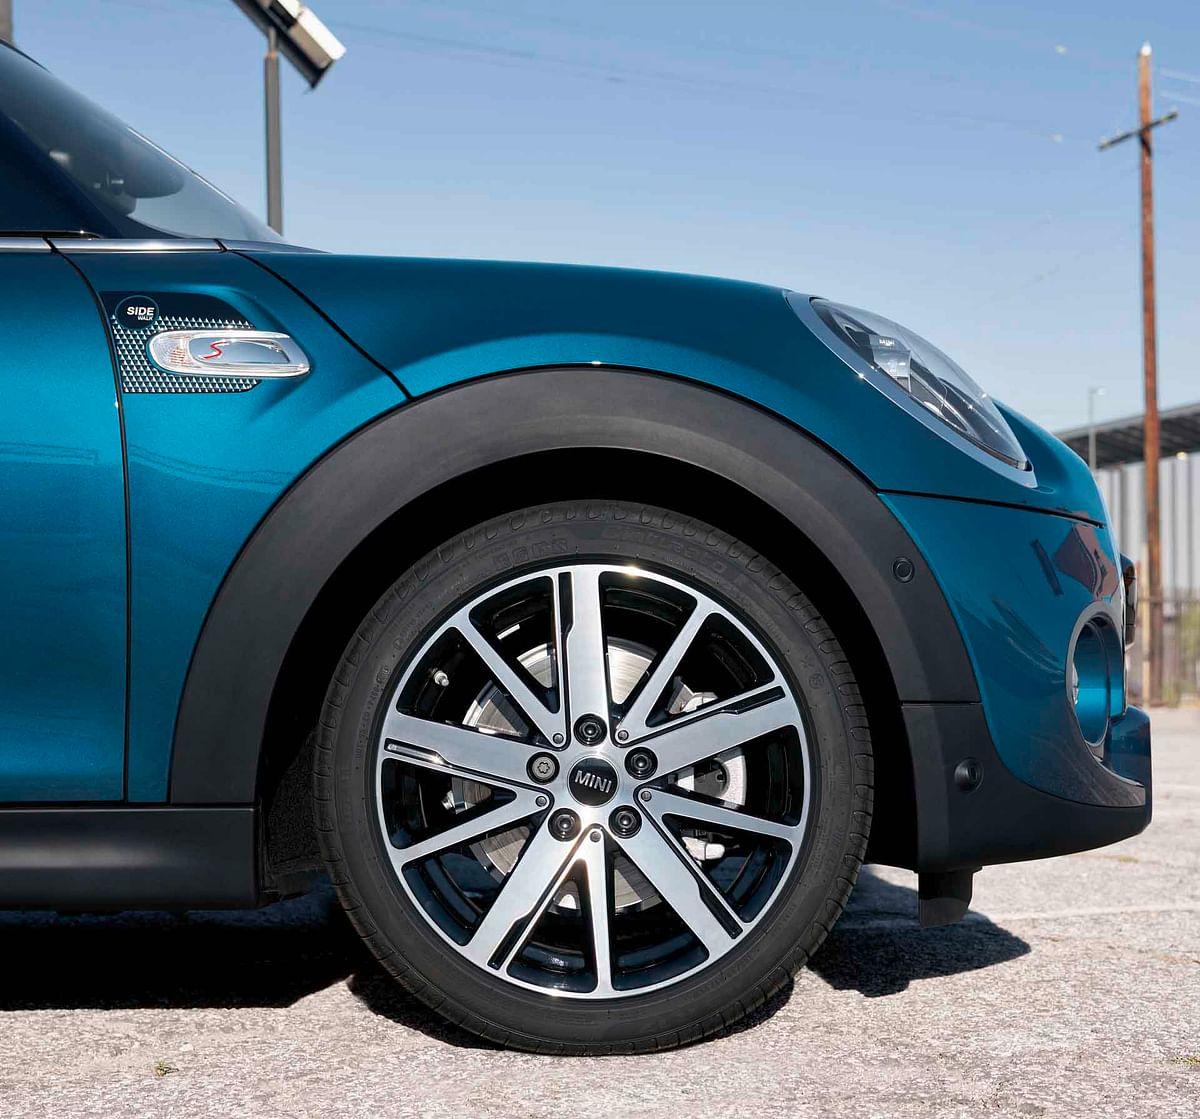 17-inch scissor-spoke alloy wheels